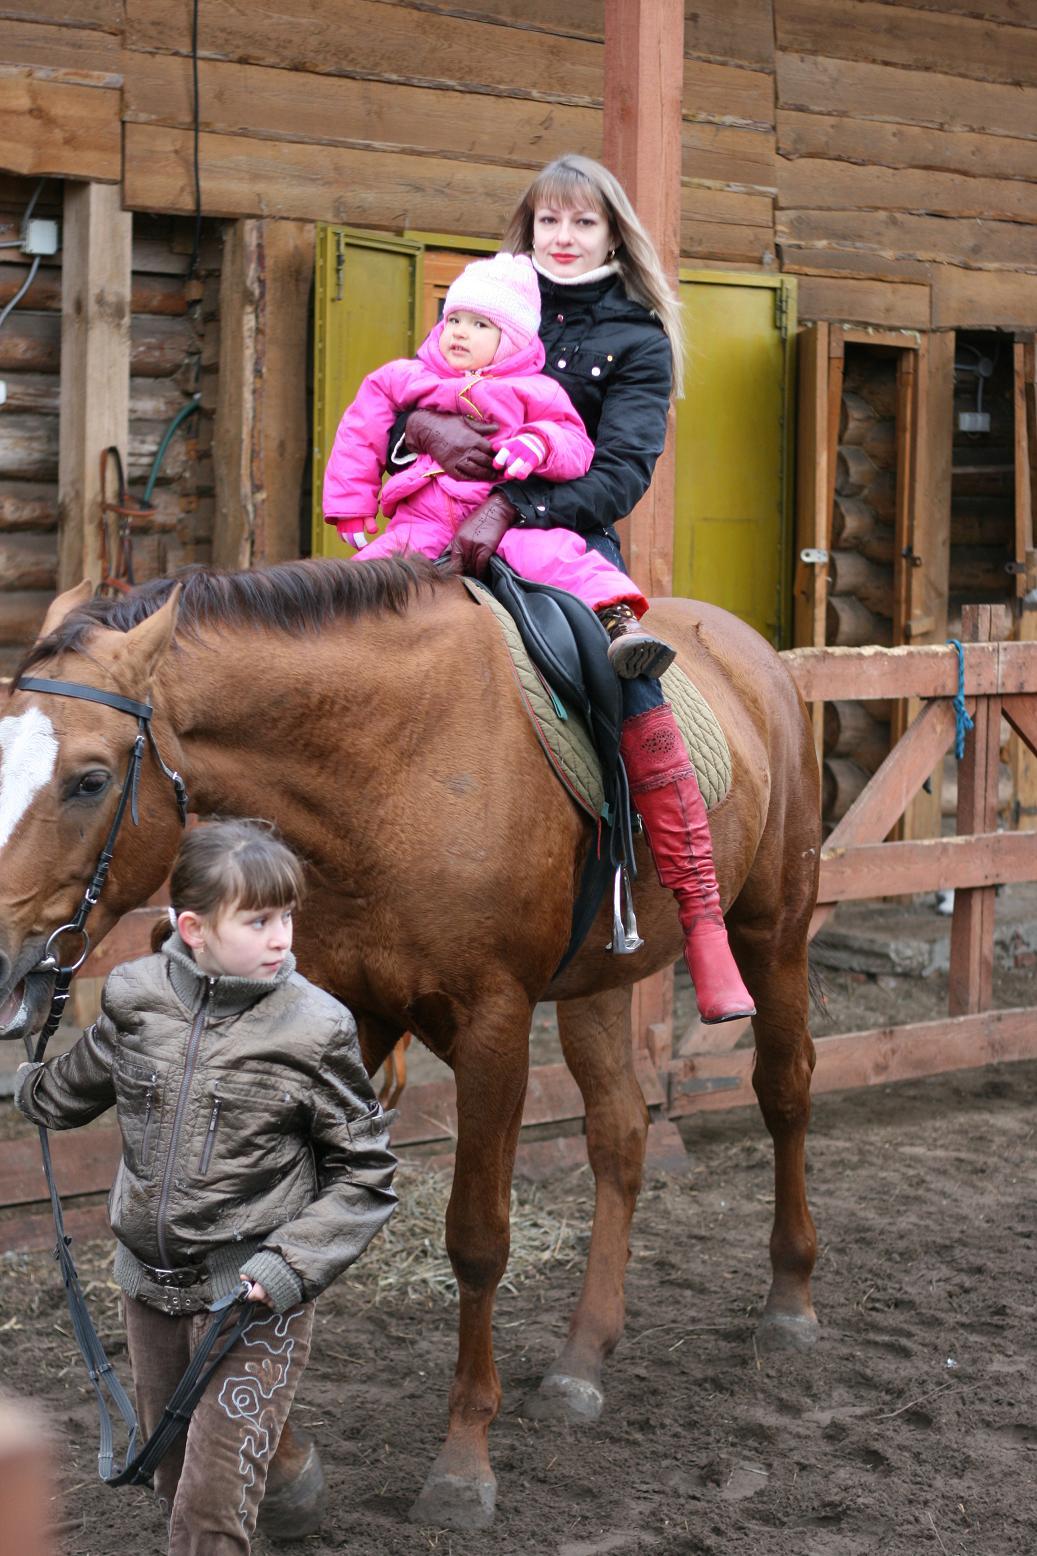 Лиза с мамой на лошадке. Отдыхать - не работать! Заработал - отдохни!